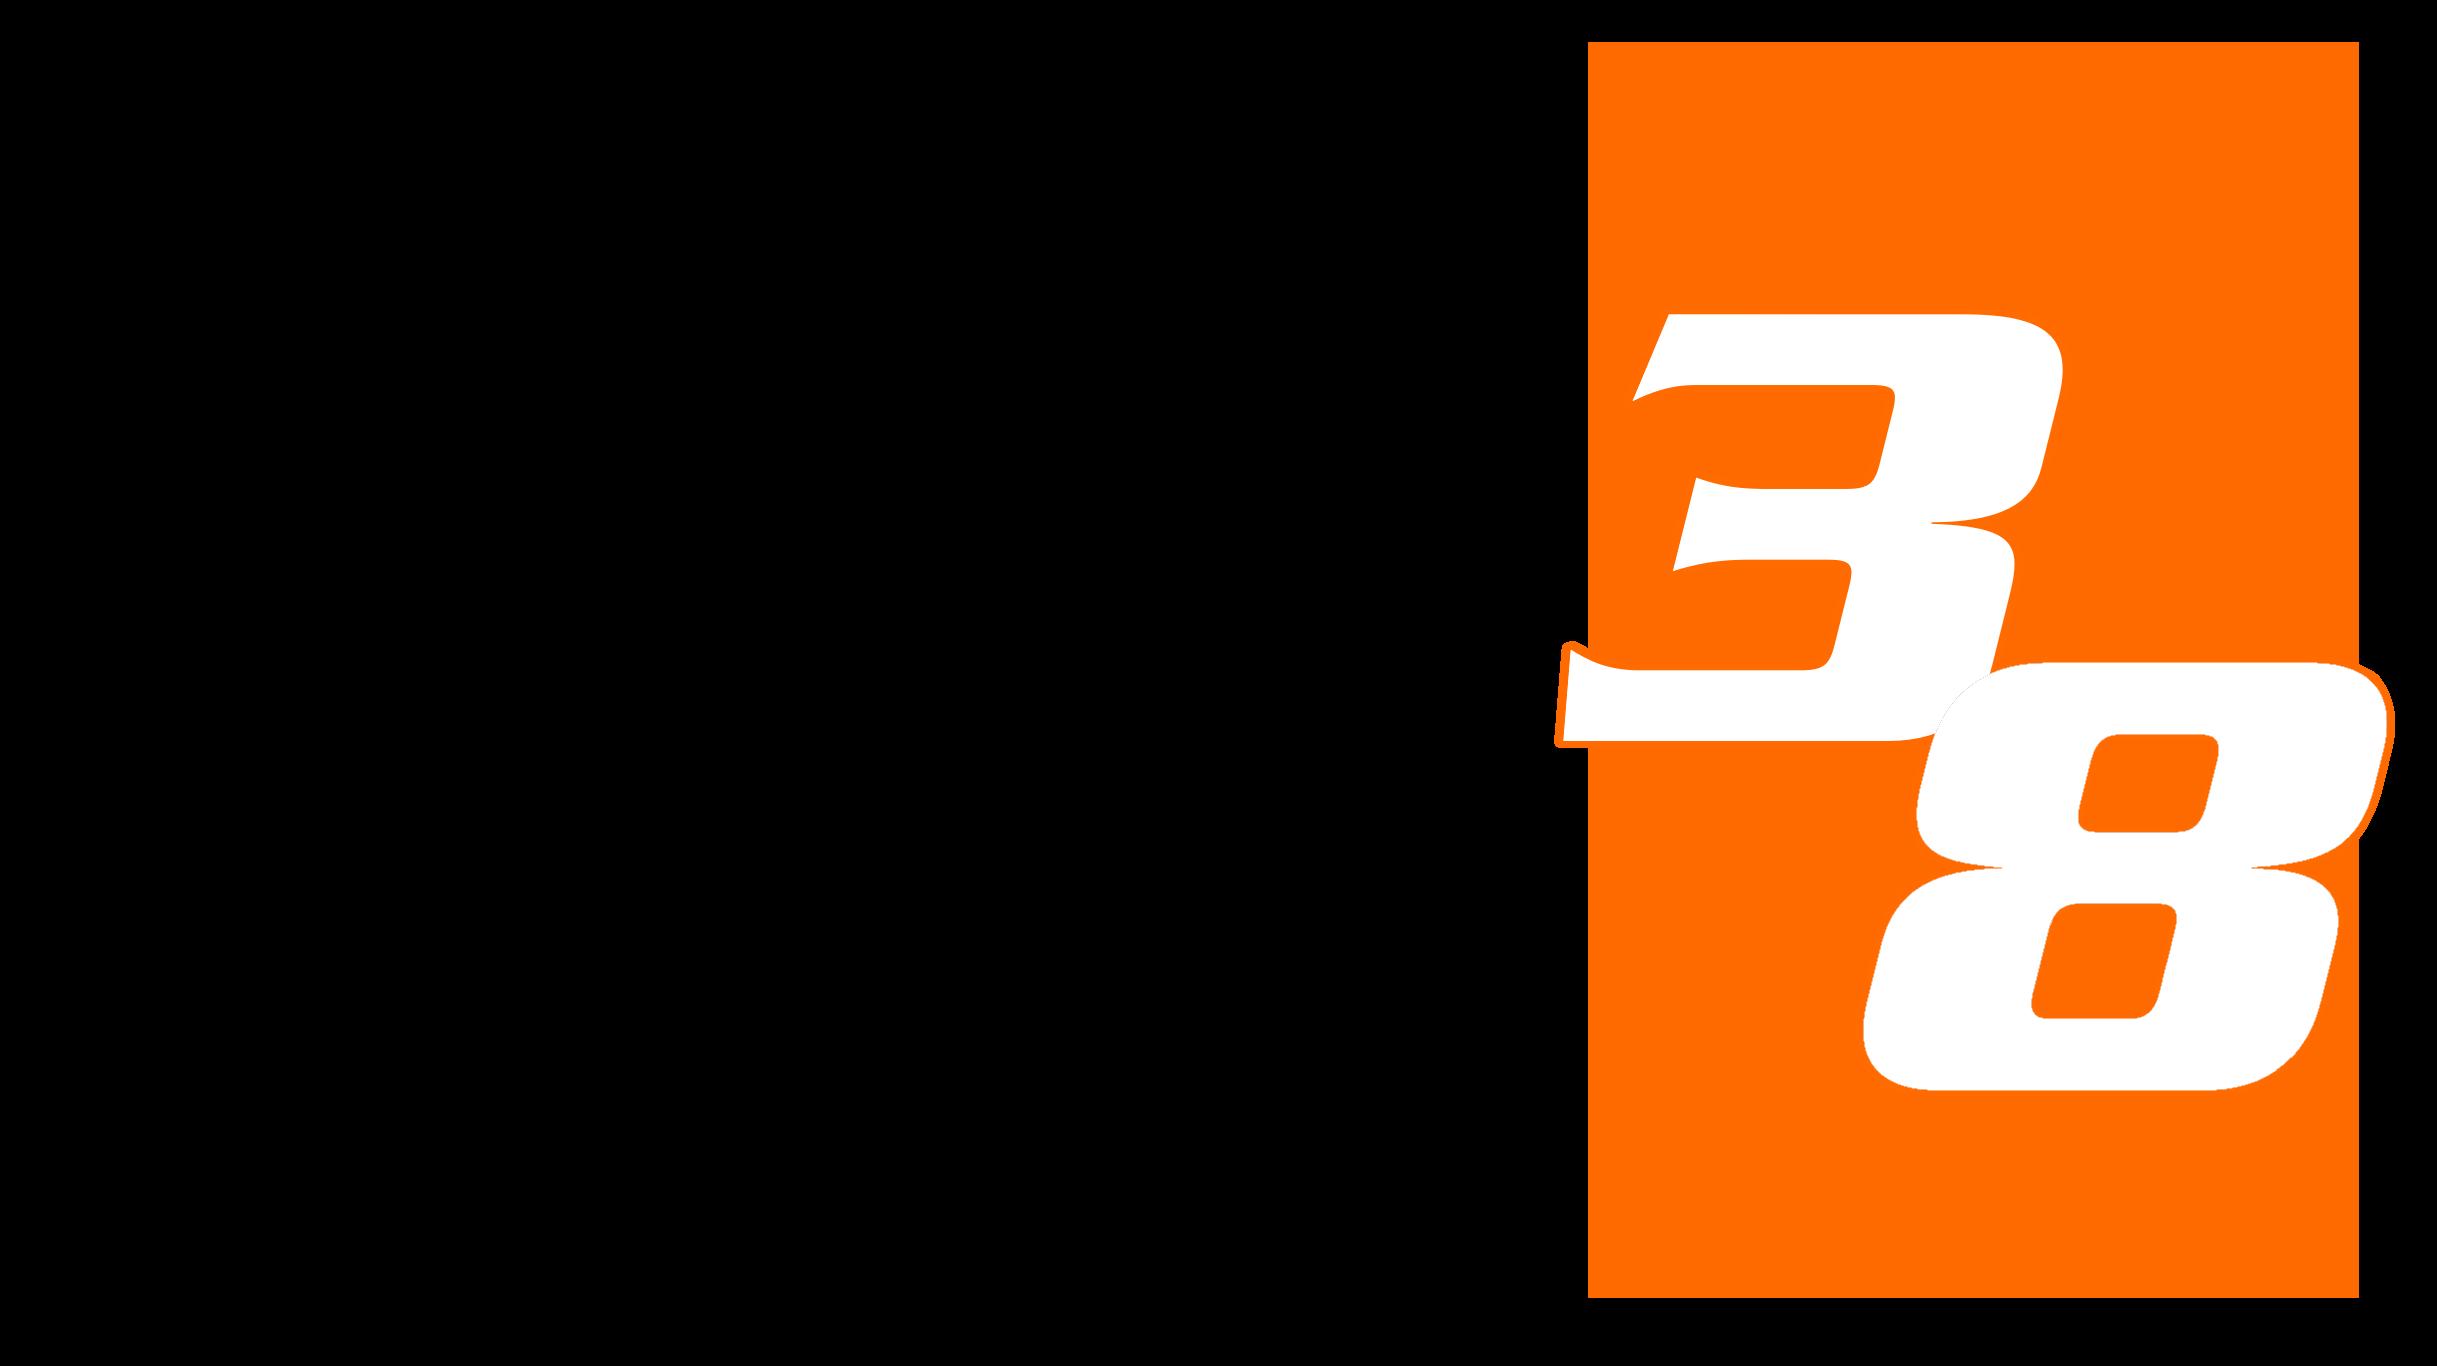 AlternateHistory.com's WNOL logo #1.png